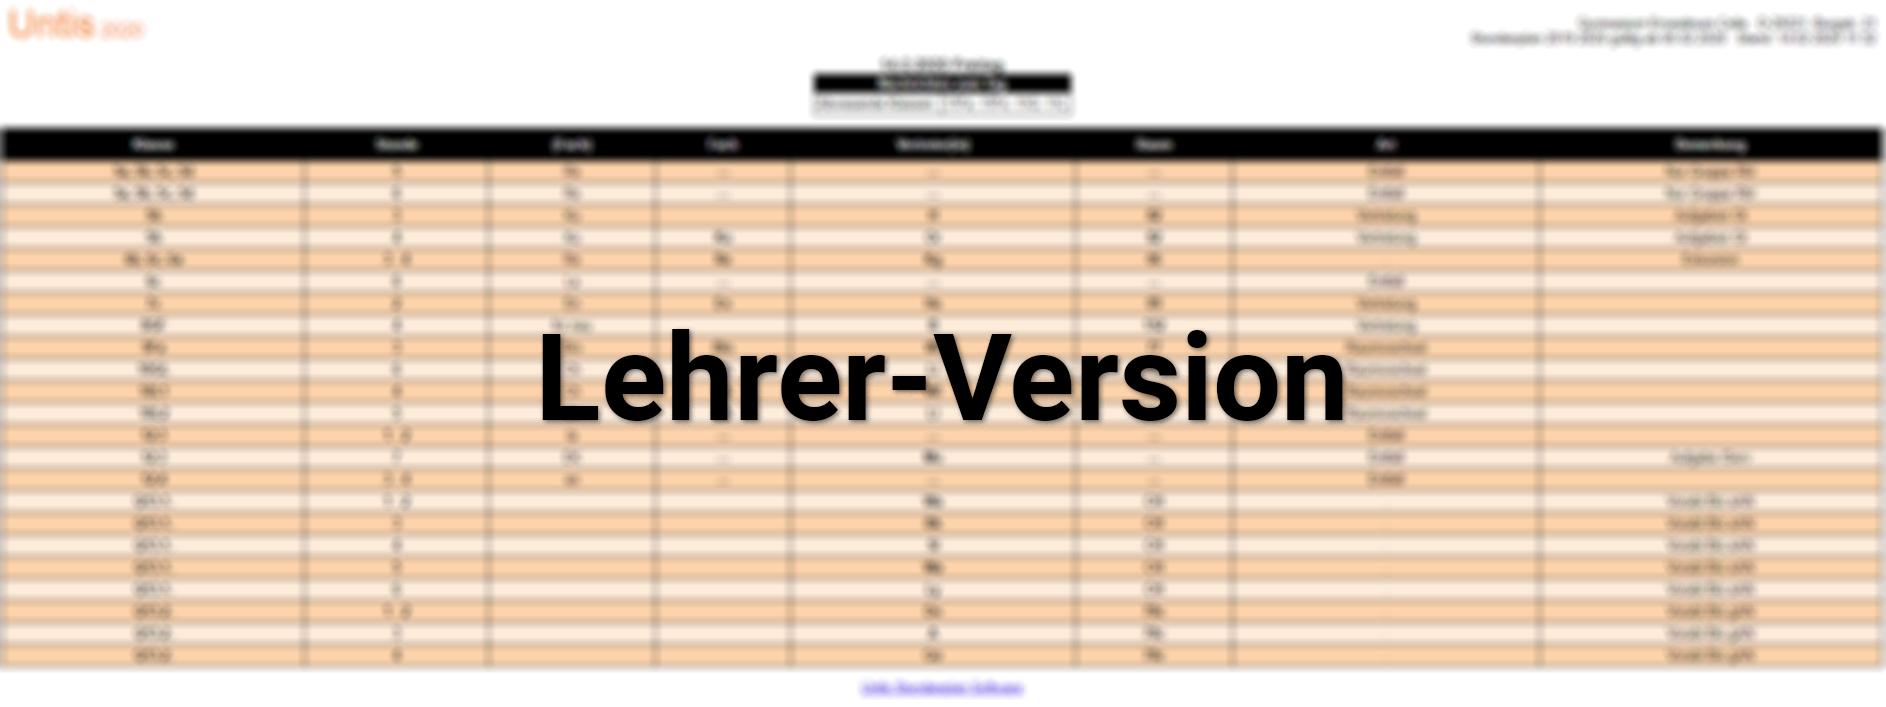 Vertretungsplan (Lehrer-Version)